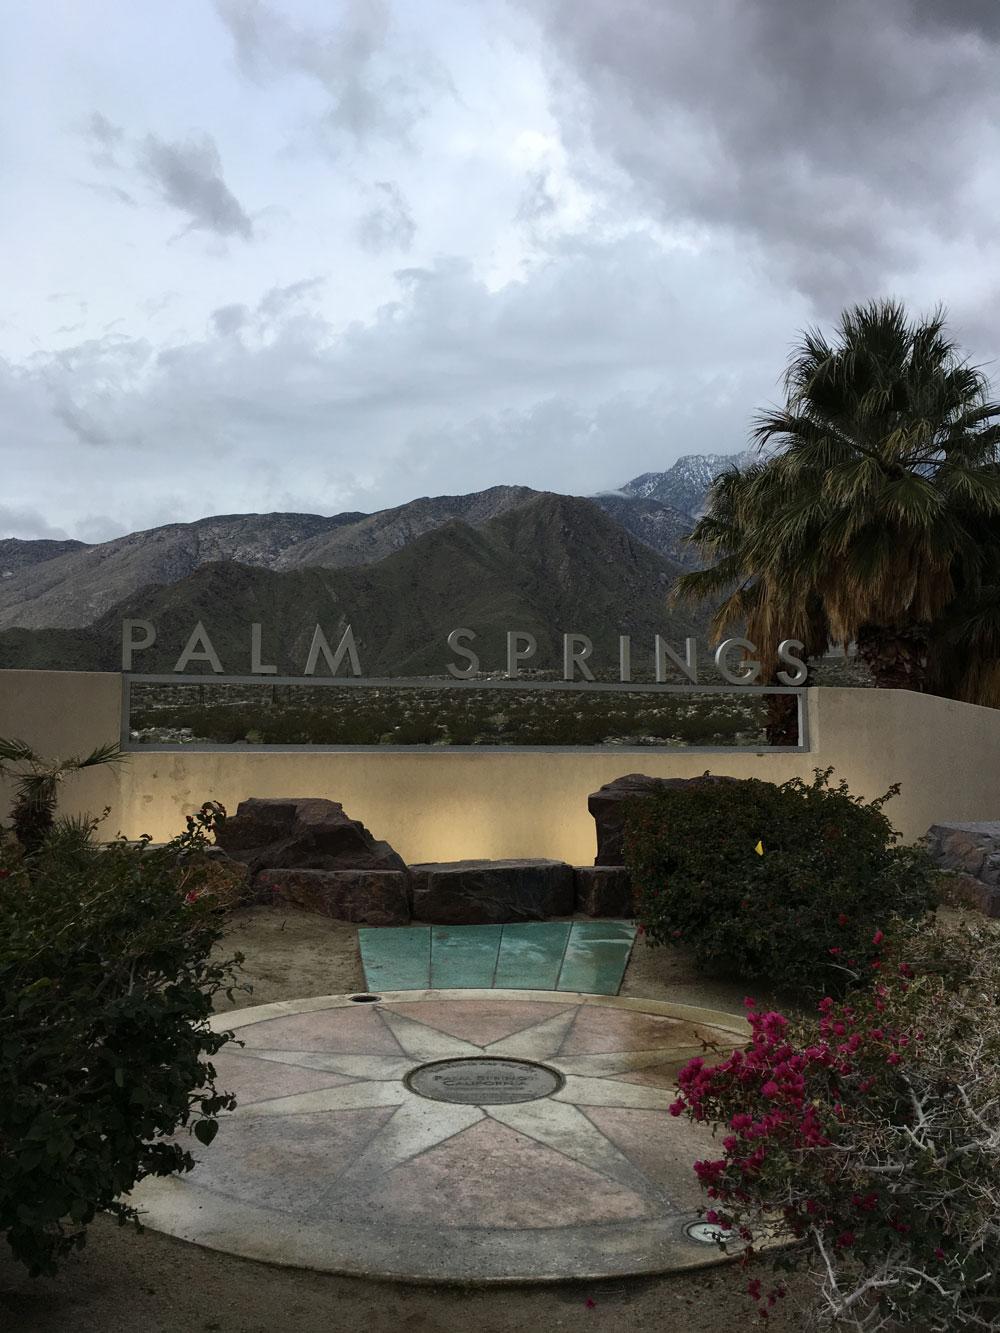 Palm-springs2.jpg